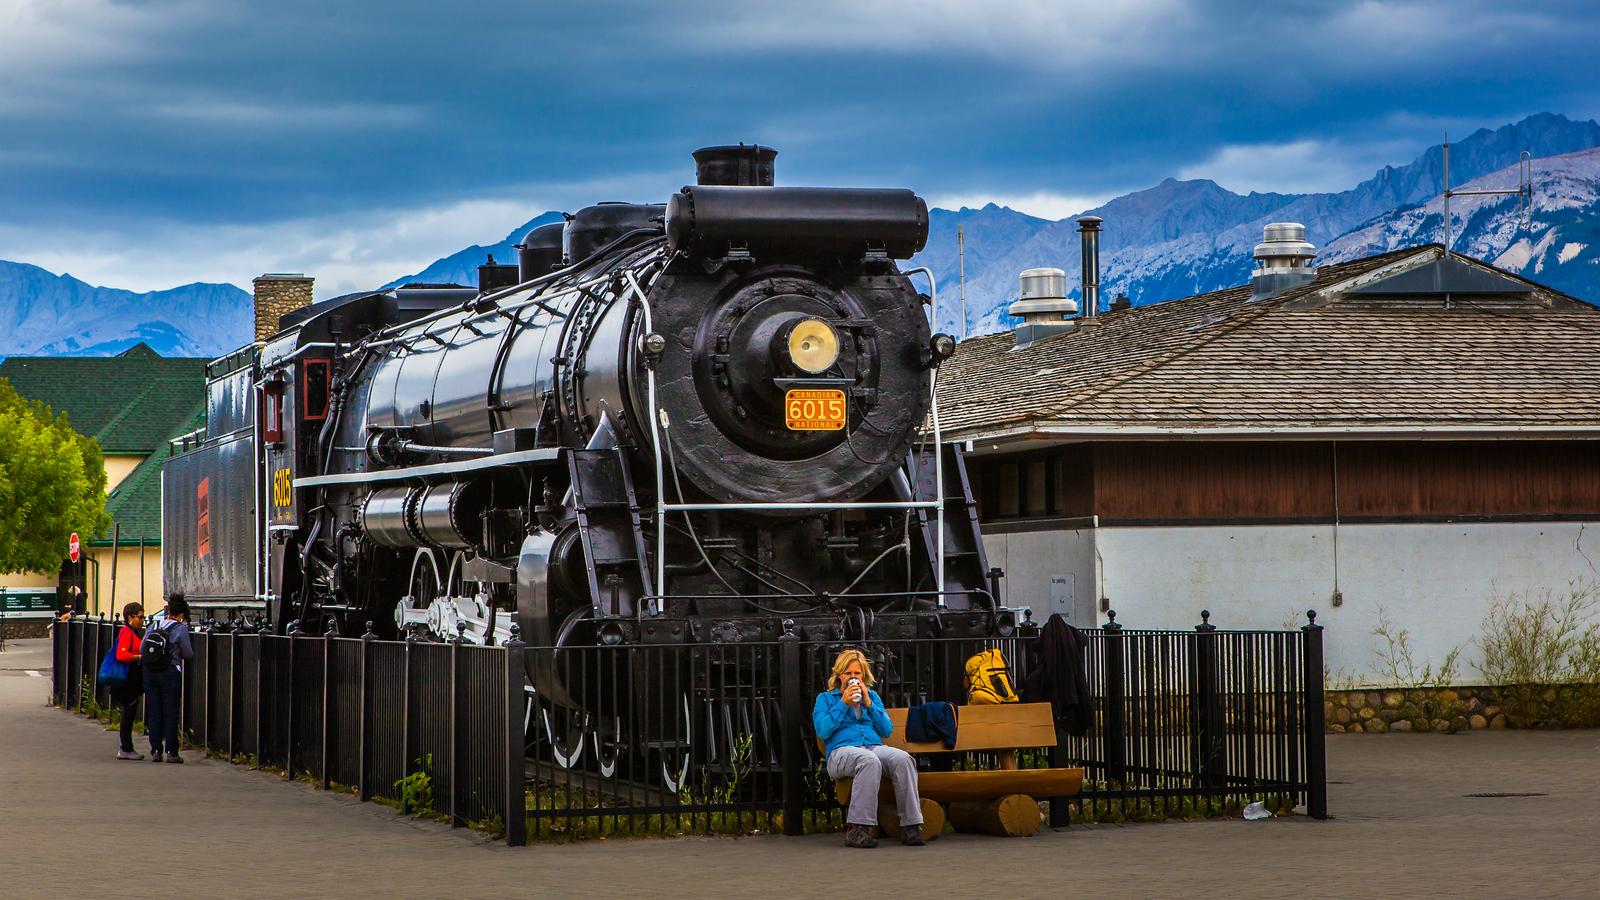 加拿大贾斯珀市(Jasper),大山火车另一番景象